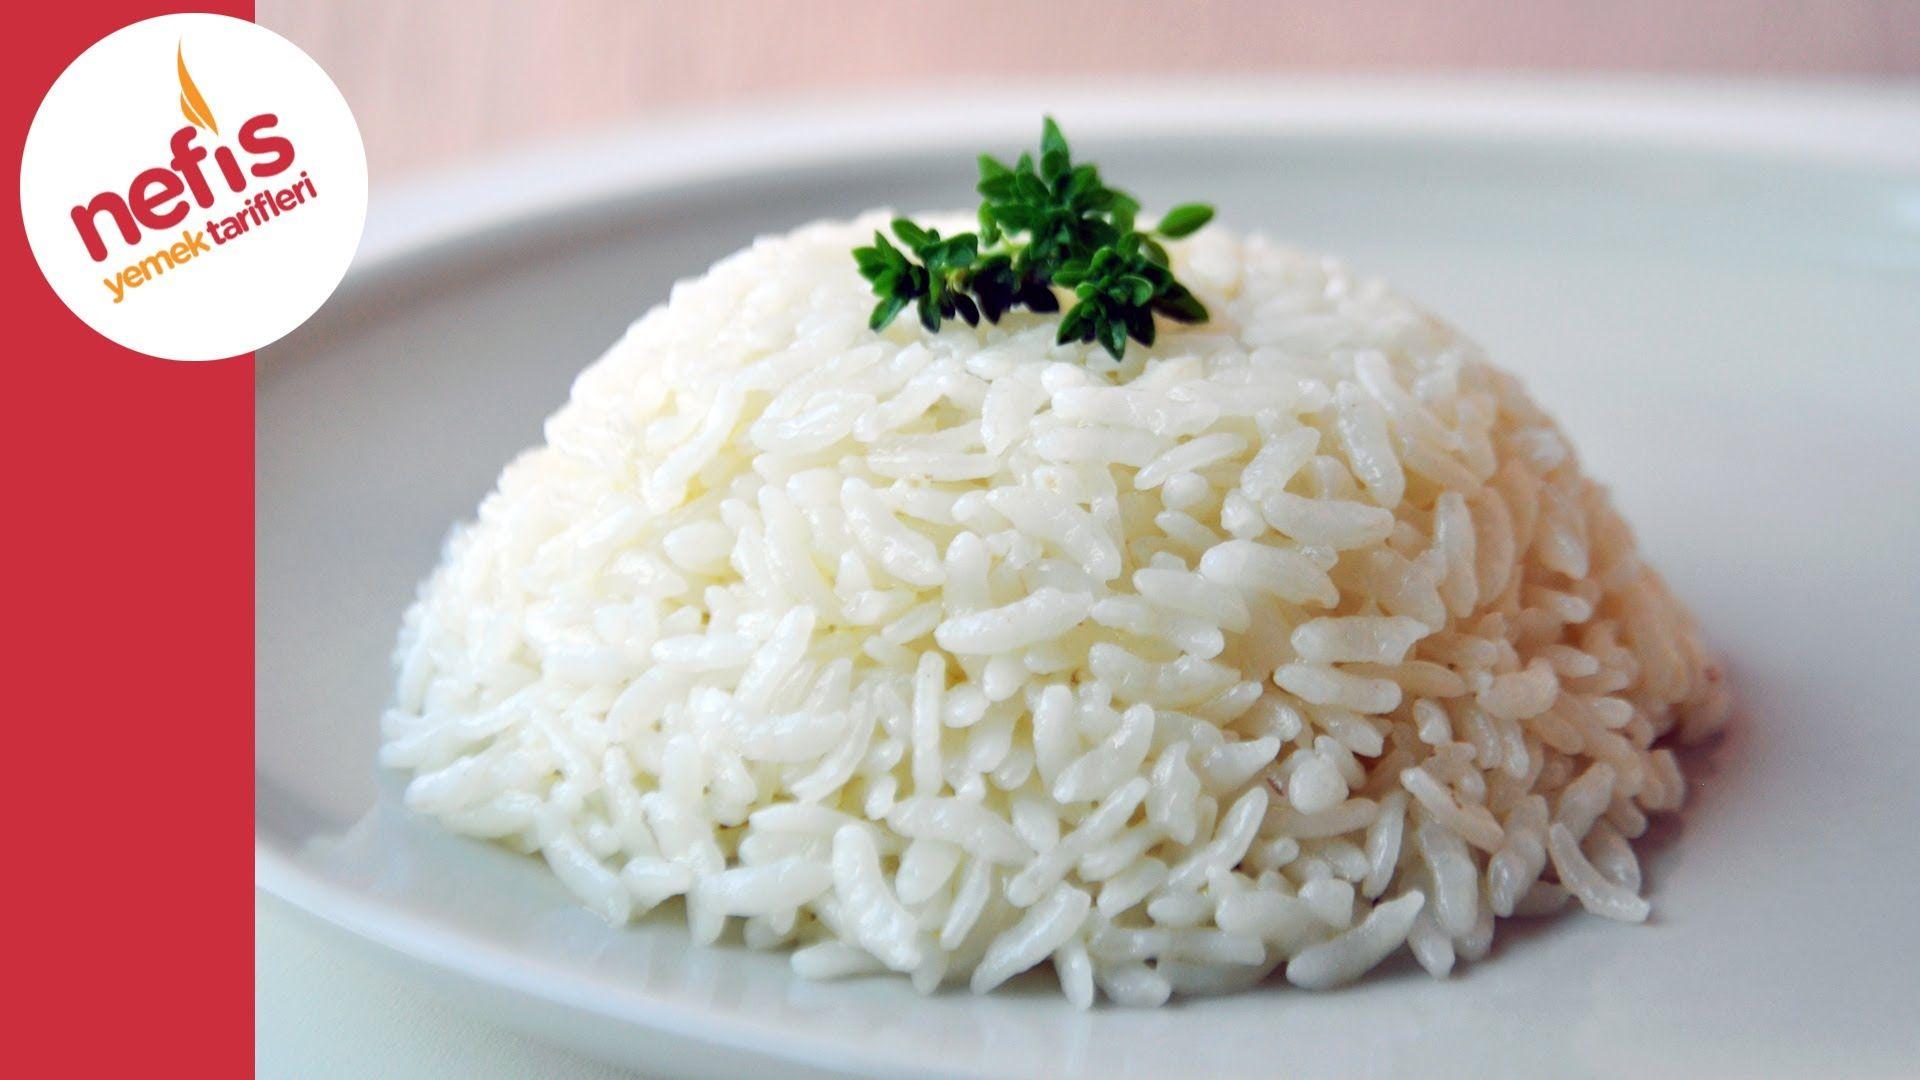 Şehriyeli Pirinç Pilavı Nasıl Yapılır Videosu